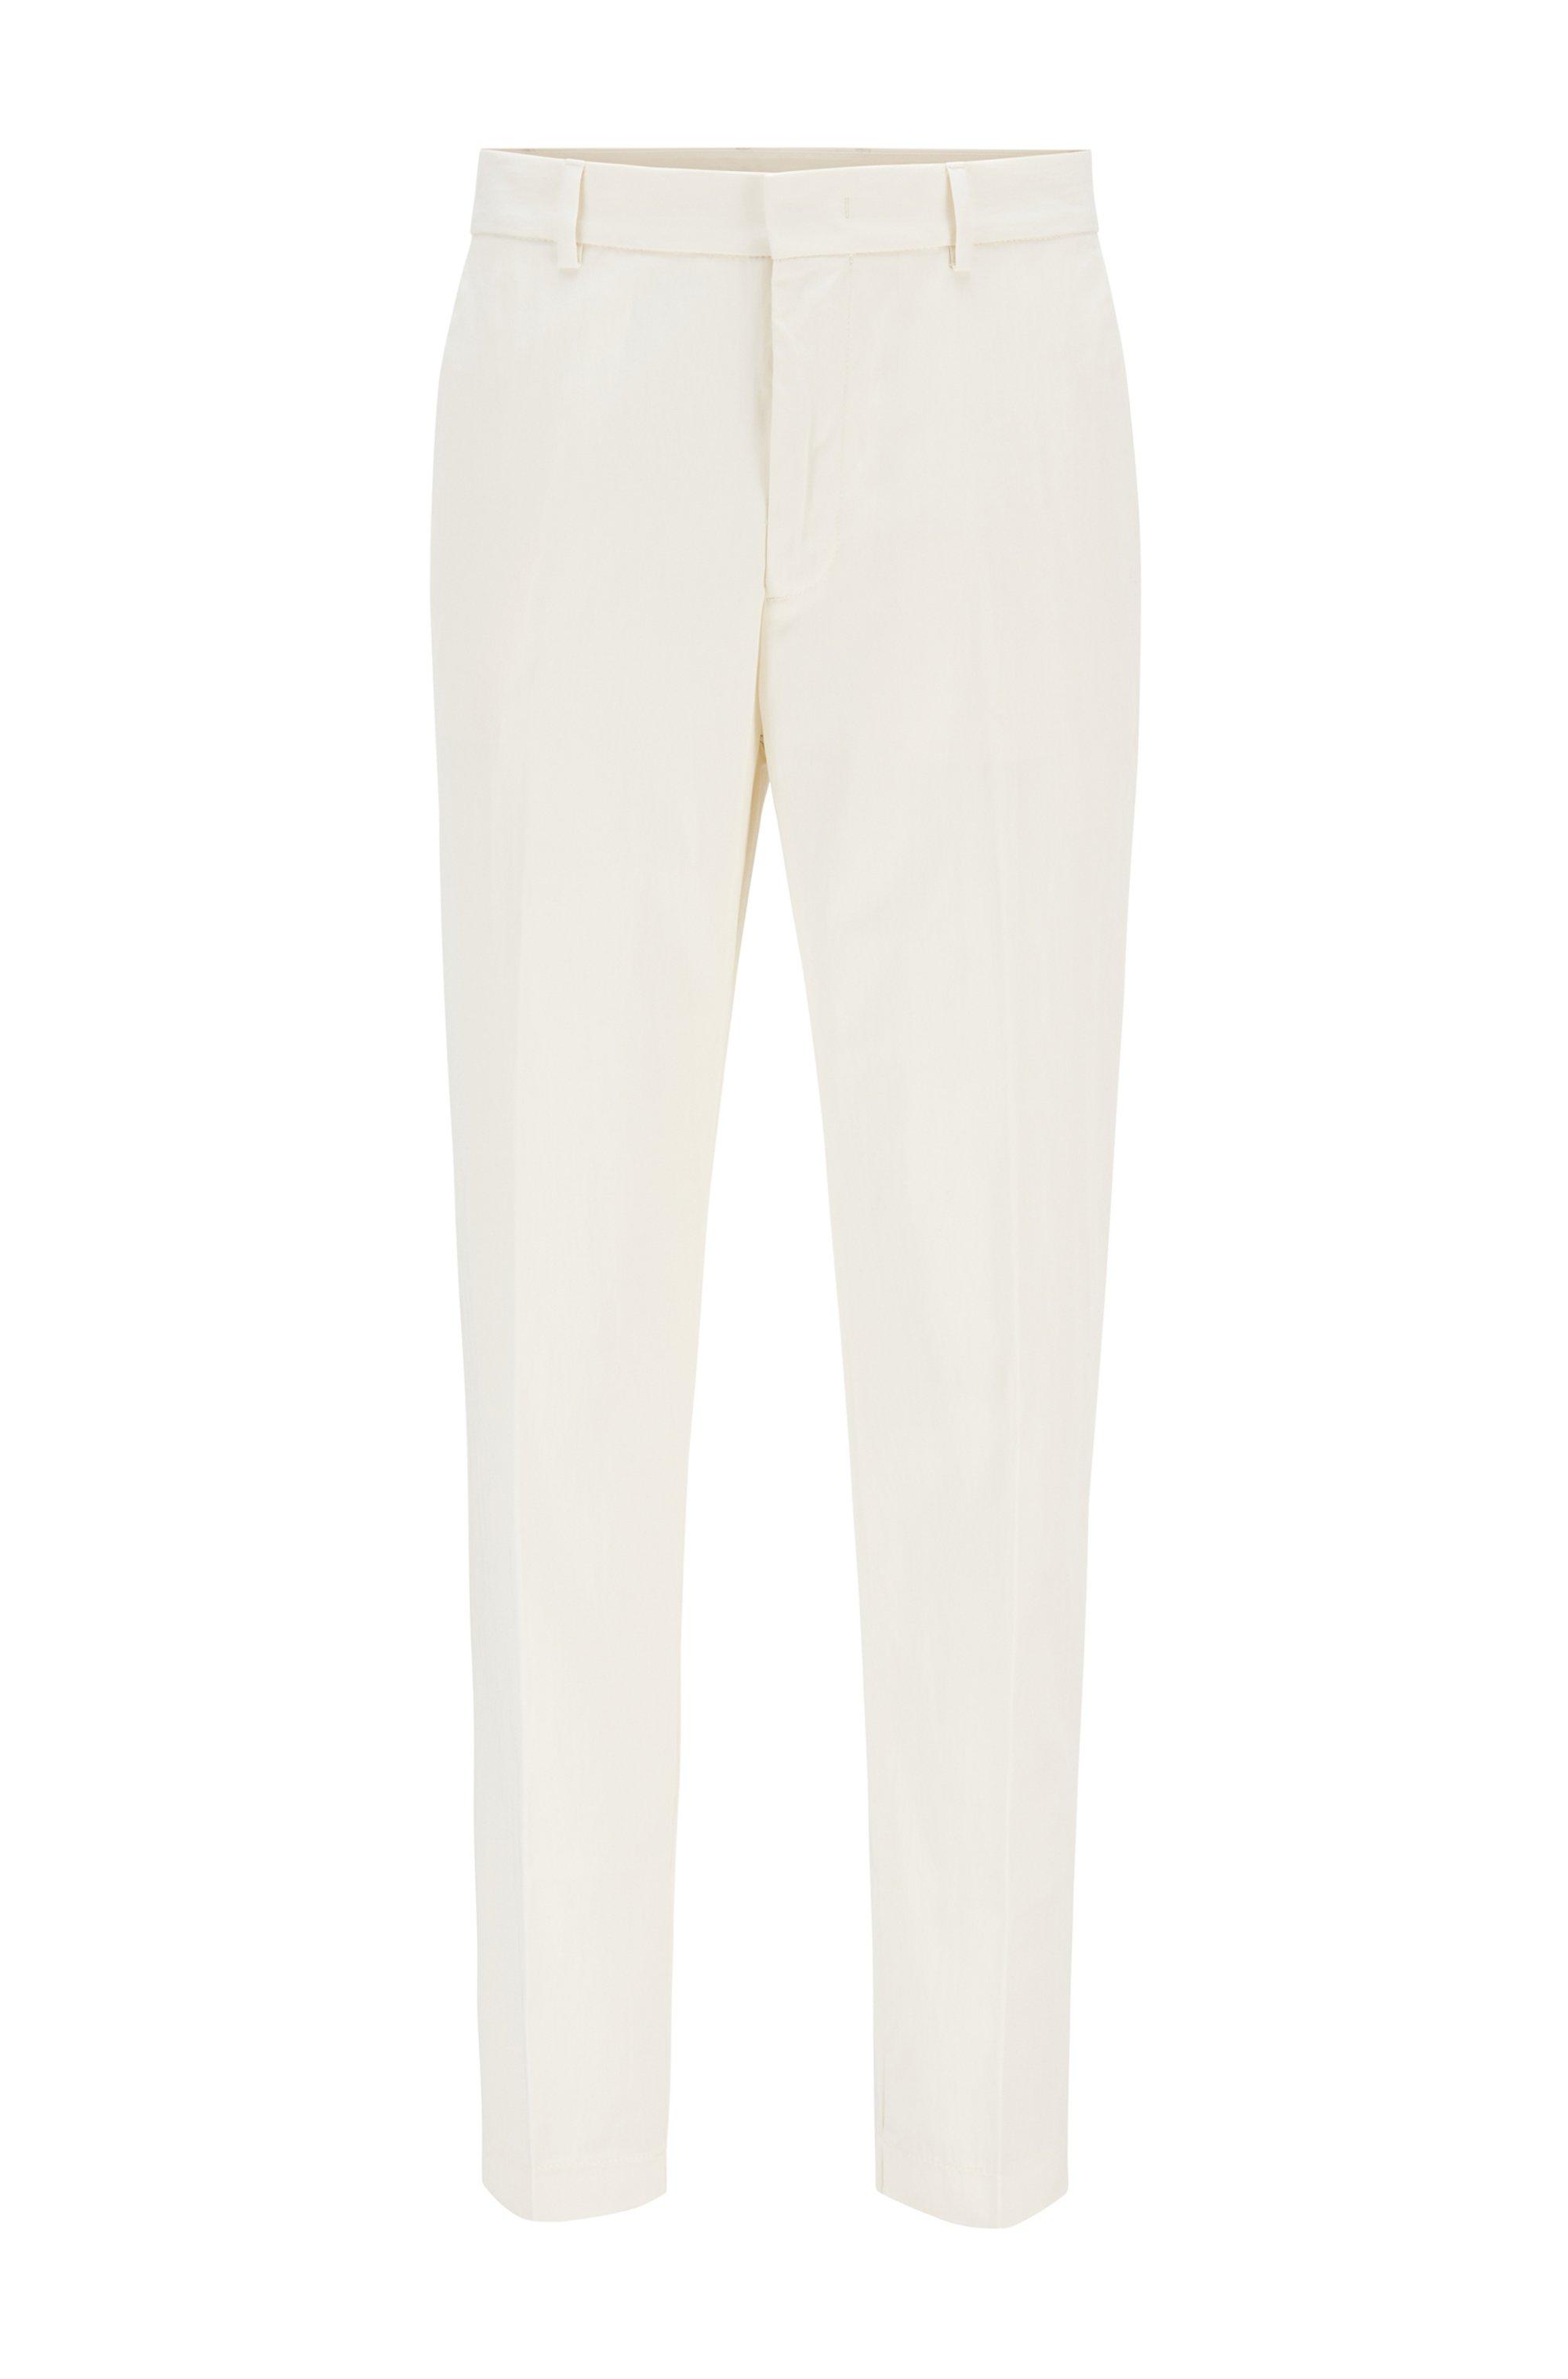 Pantalon Tapered Fit en coton mélangé effet froissé, Blanc